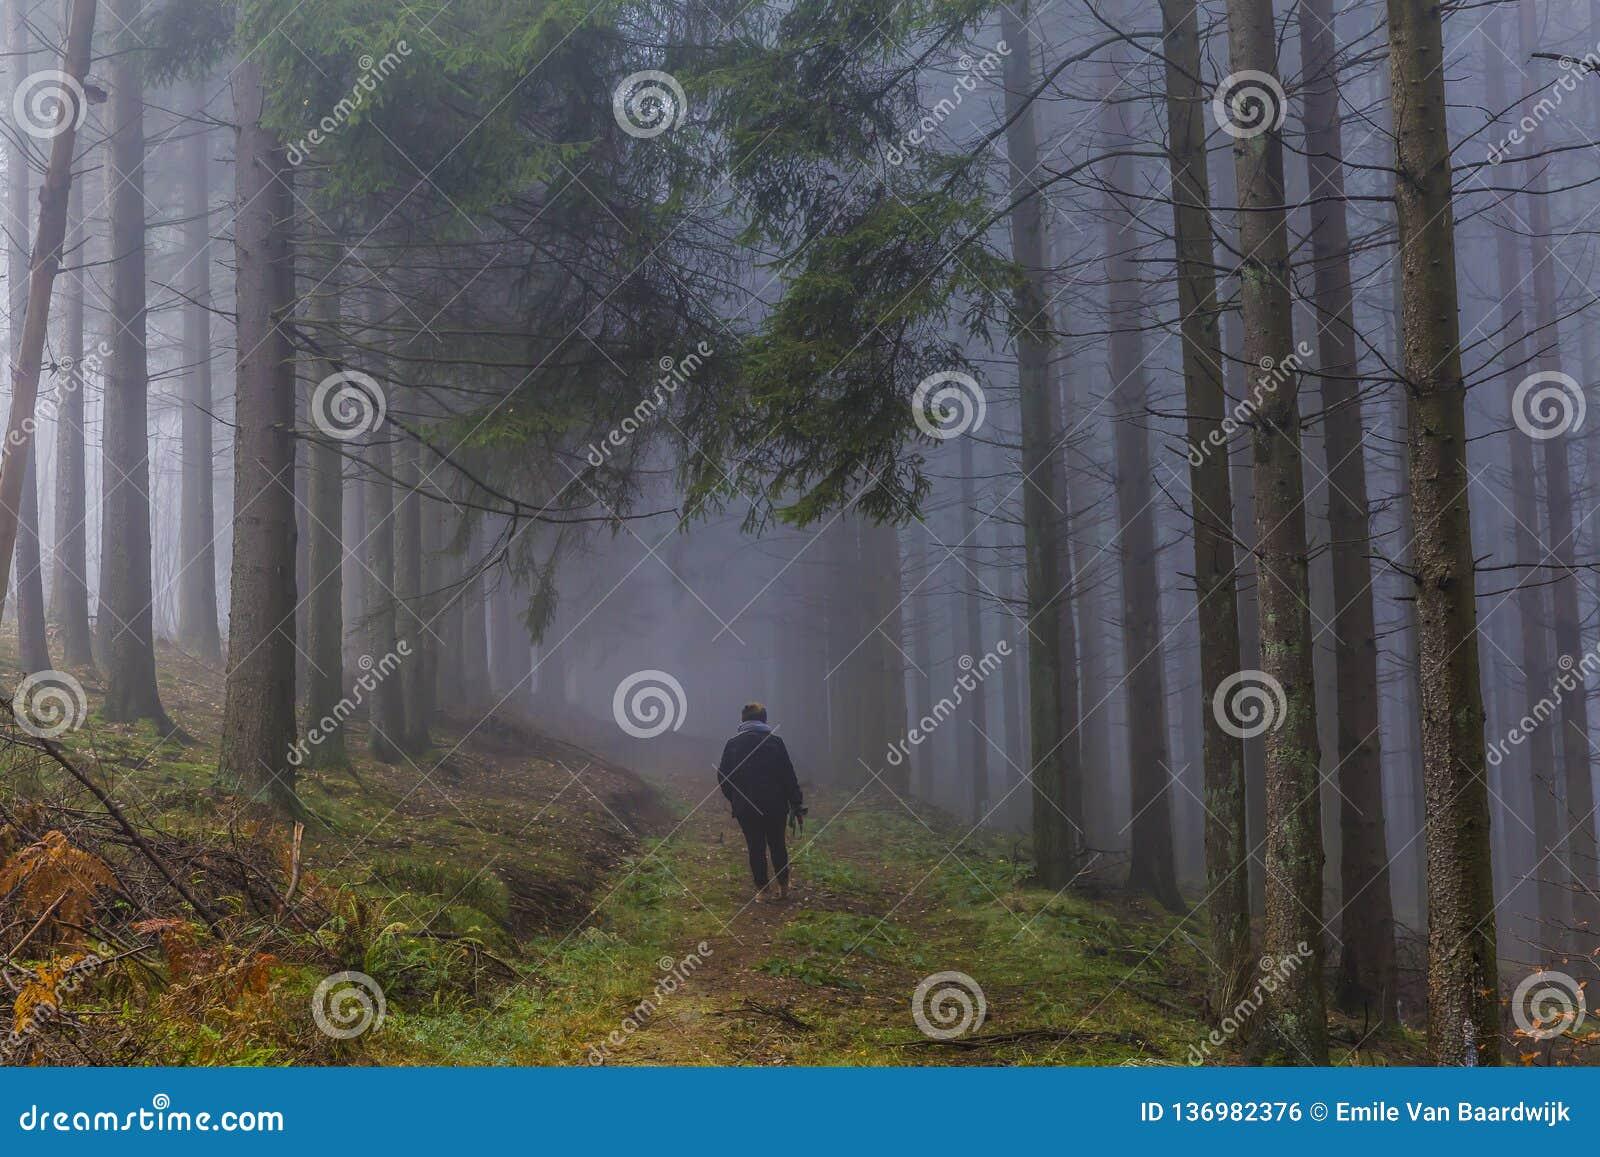 Image d une femme marchant parmi les pins grands avec beaucoup de brouillard dans la forêt